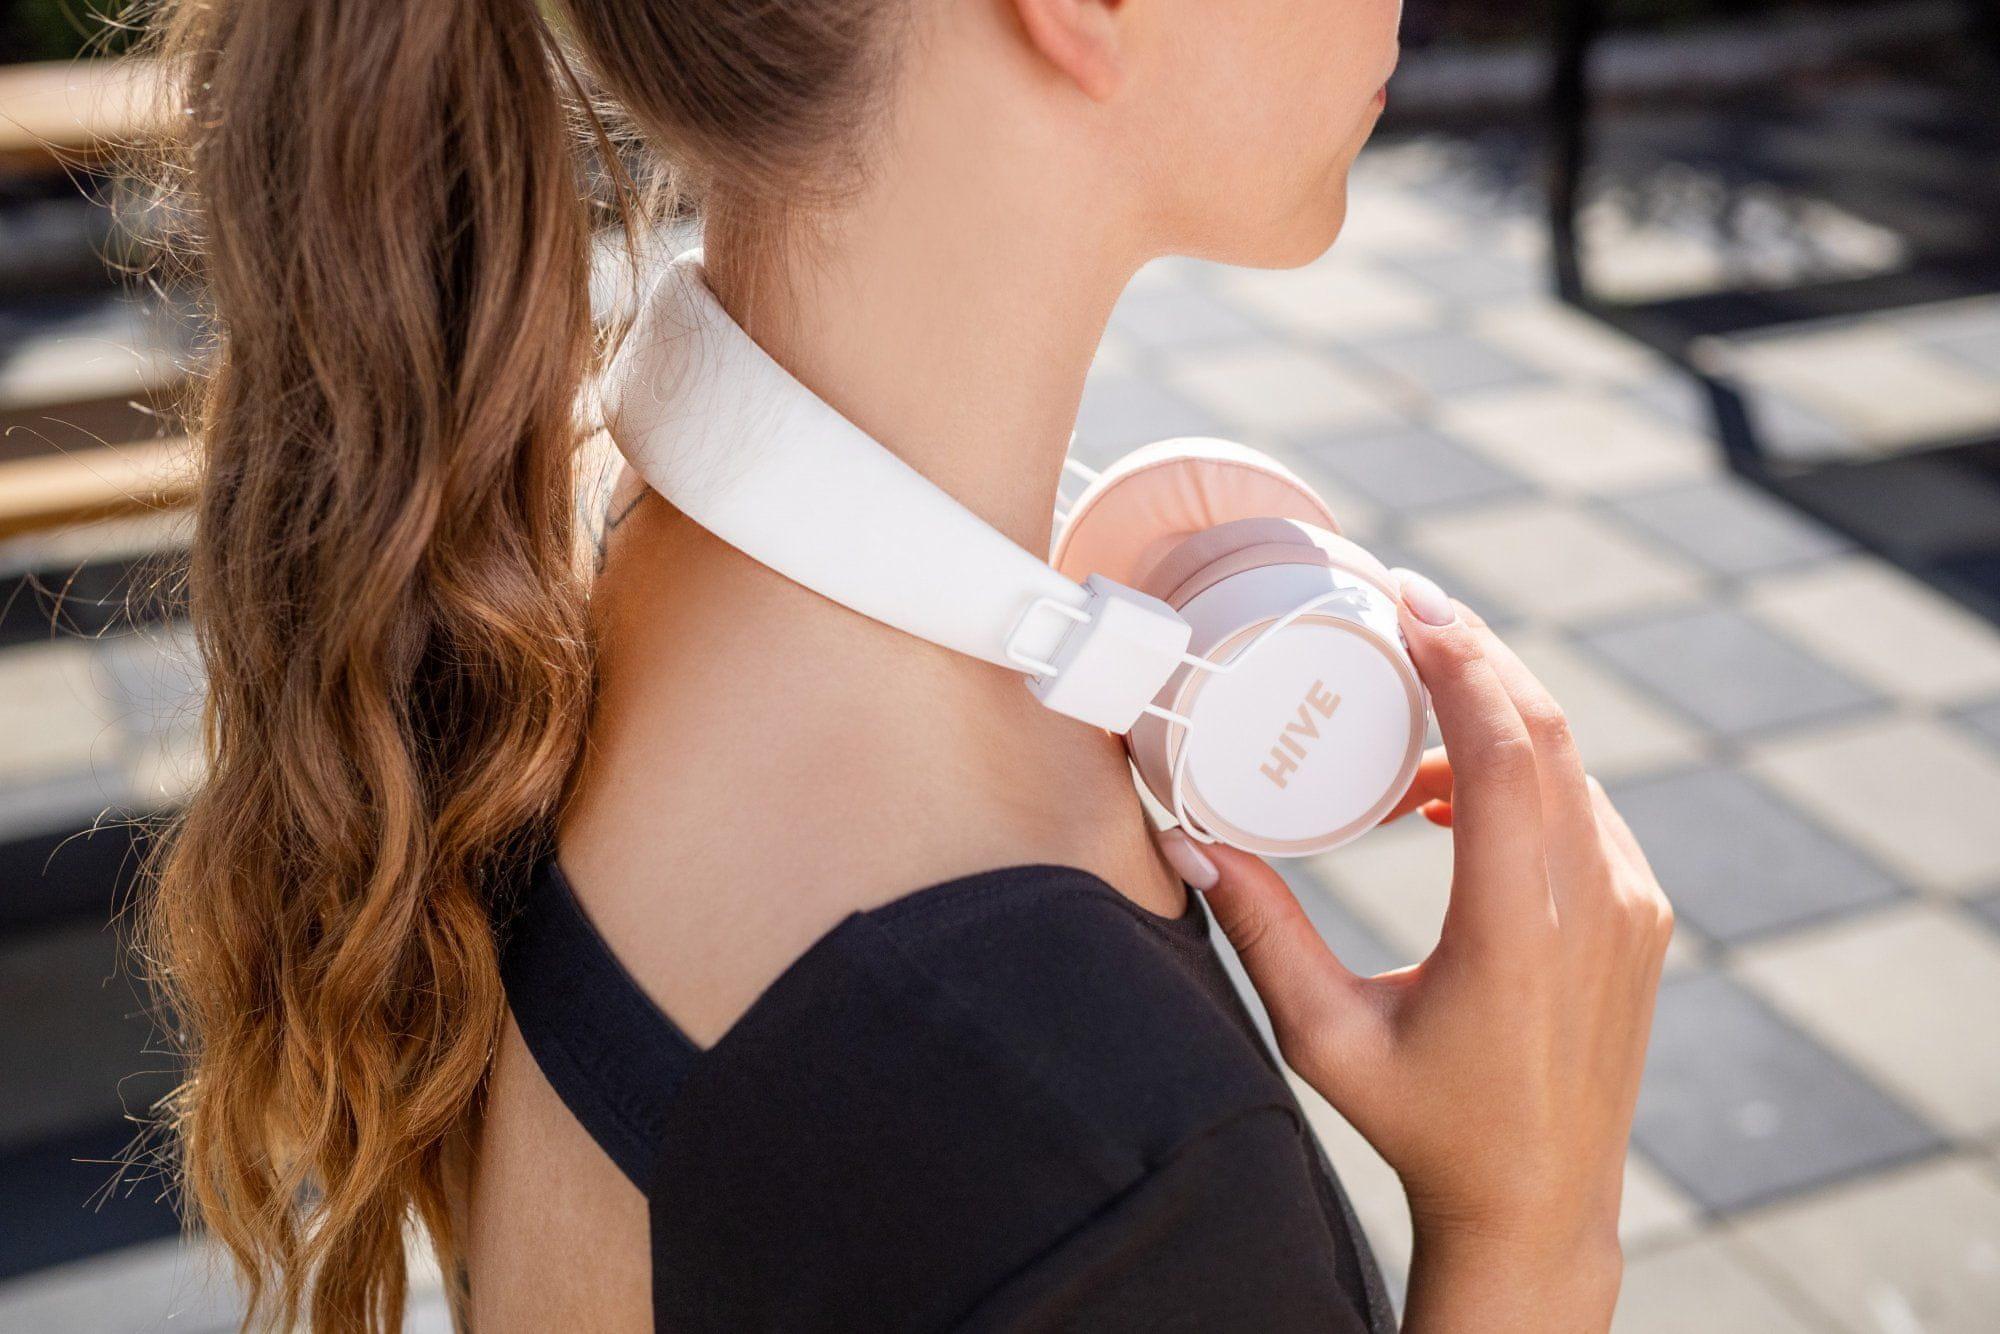 bluetooth přenosná sluchátka niceboy HIVE 2 Joy Sakura extra zvuk maxxbass technologie výdrž 30 h baterie možnost připojení audio kabelu s 3,5mm jackem ultralehký design skládací konstrukce složitelná handsfree mikrofon ovládání na sluchátkách přes uši